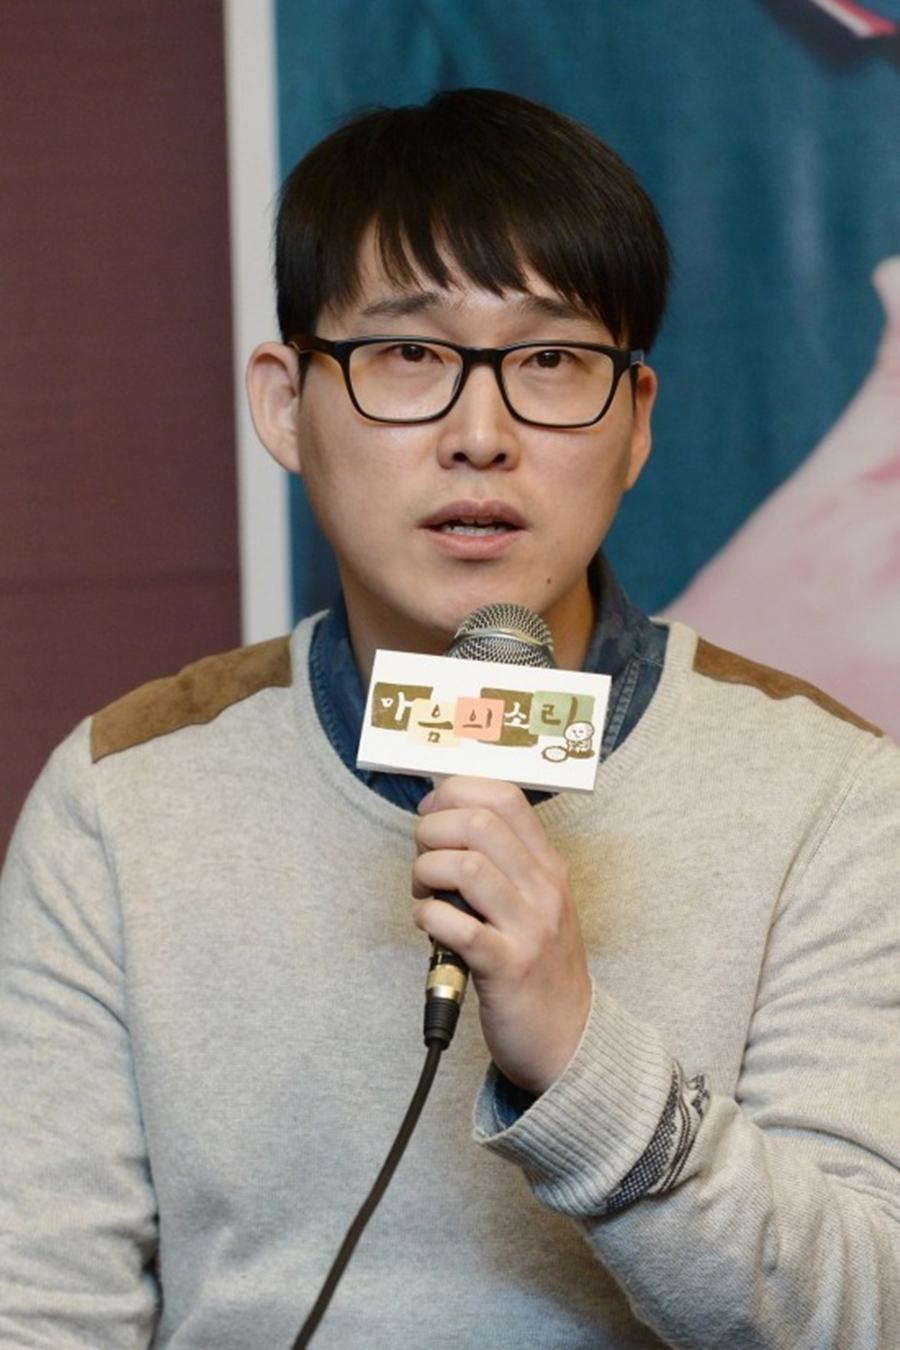 Ha Byung Hoon